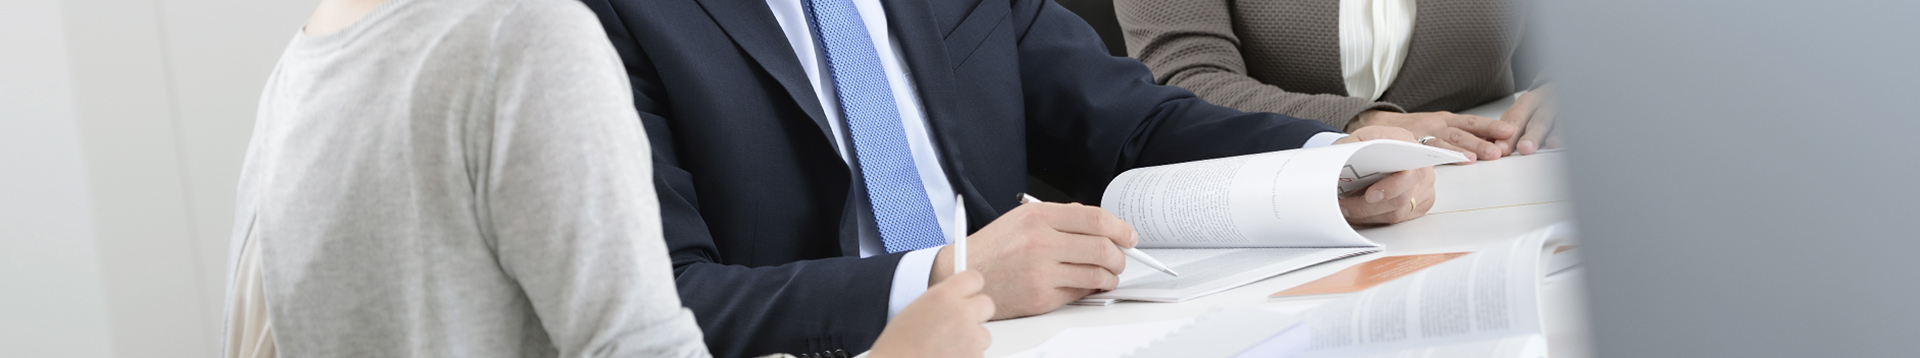 Dieses Bild zeig FMA Mitarbeiterinnen und Mitarbeiter beim studieren von Unterlagen